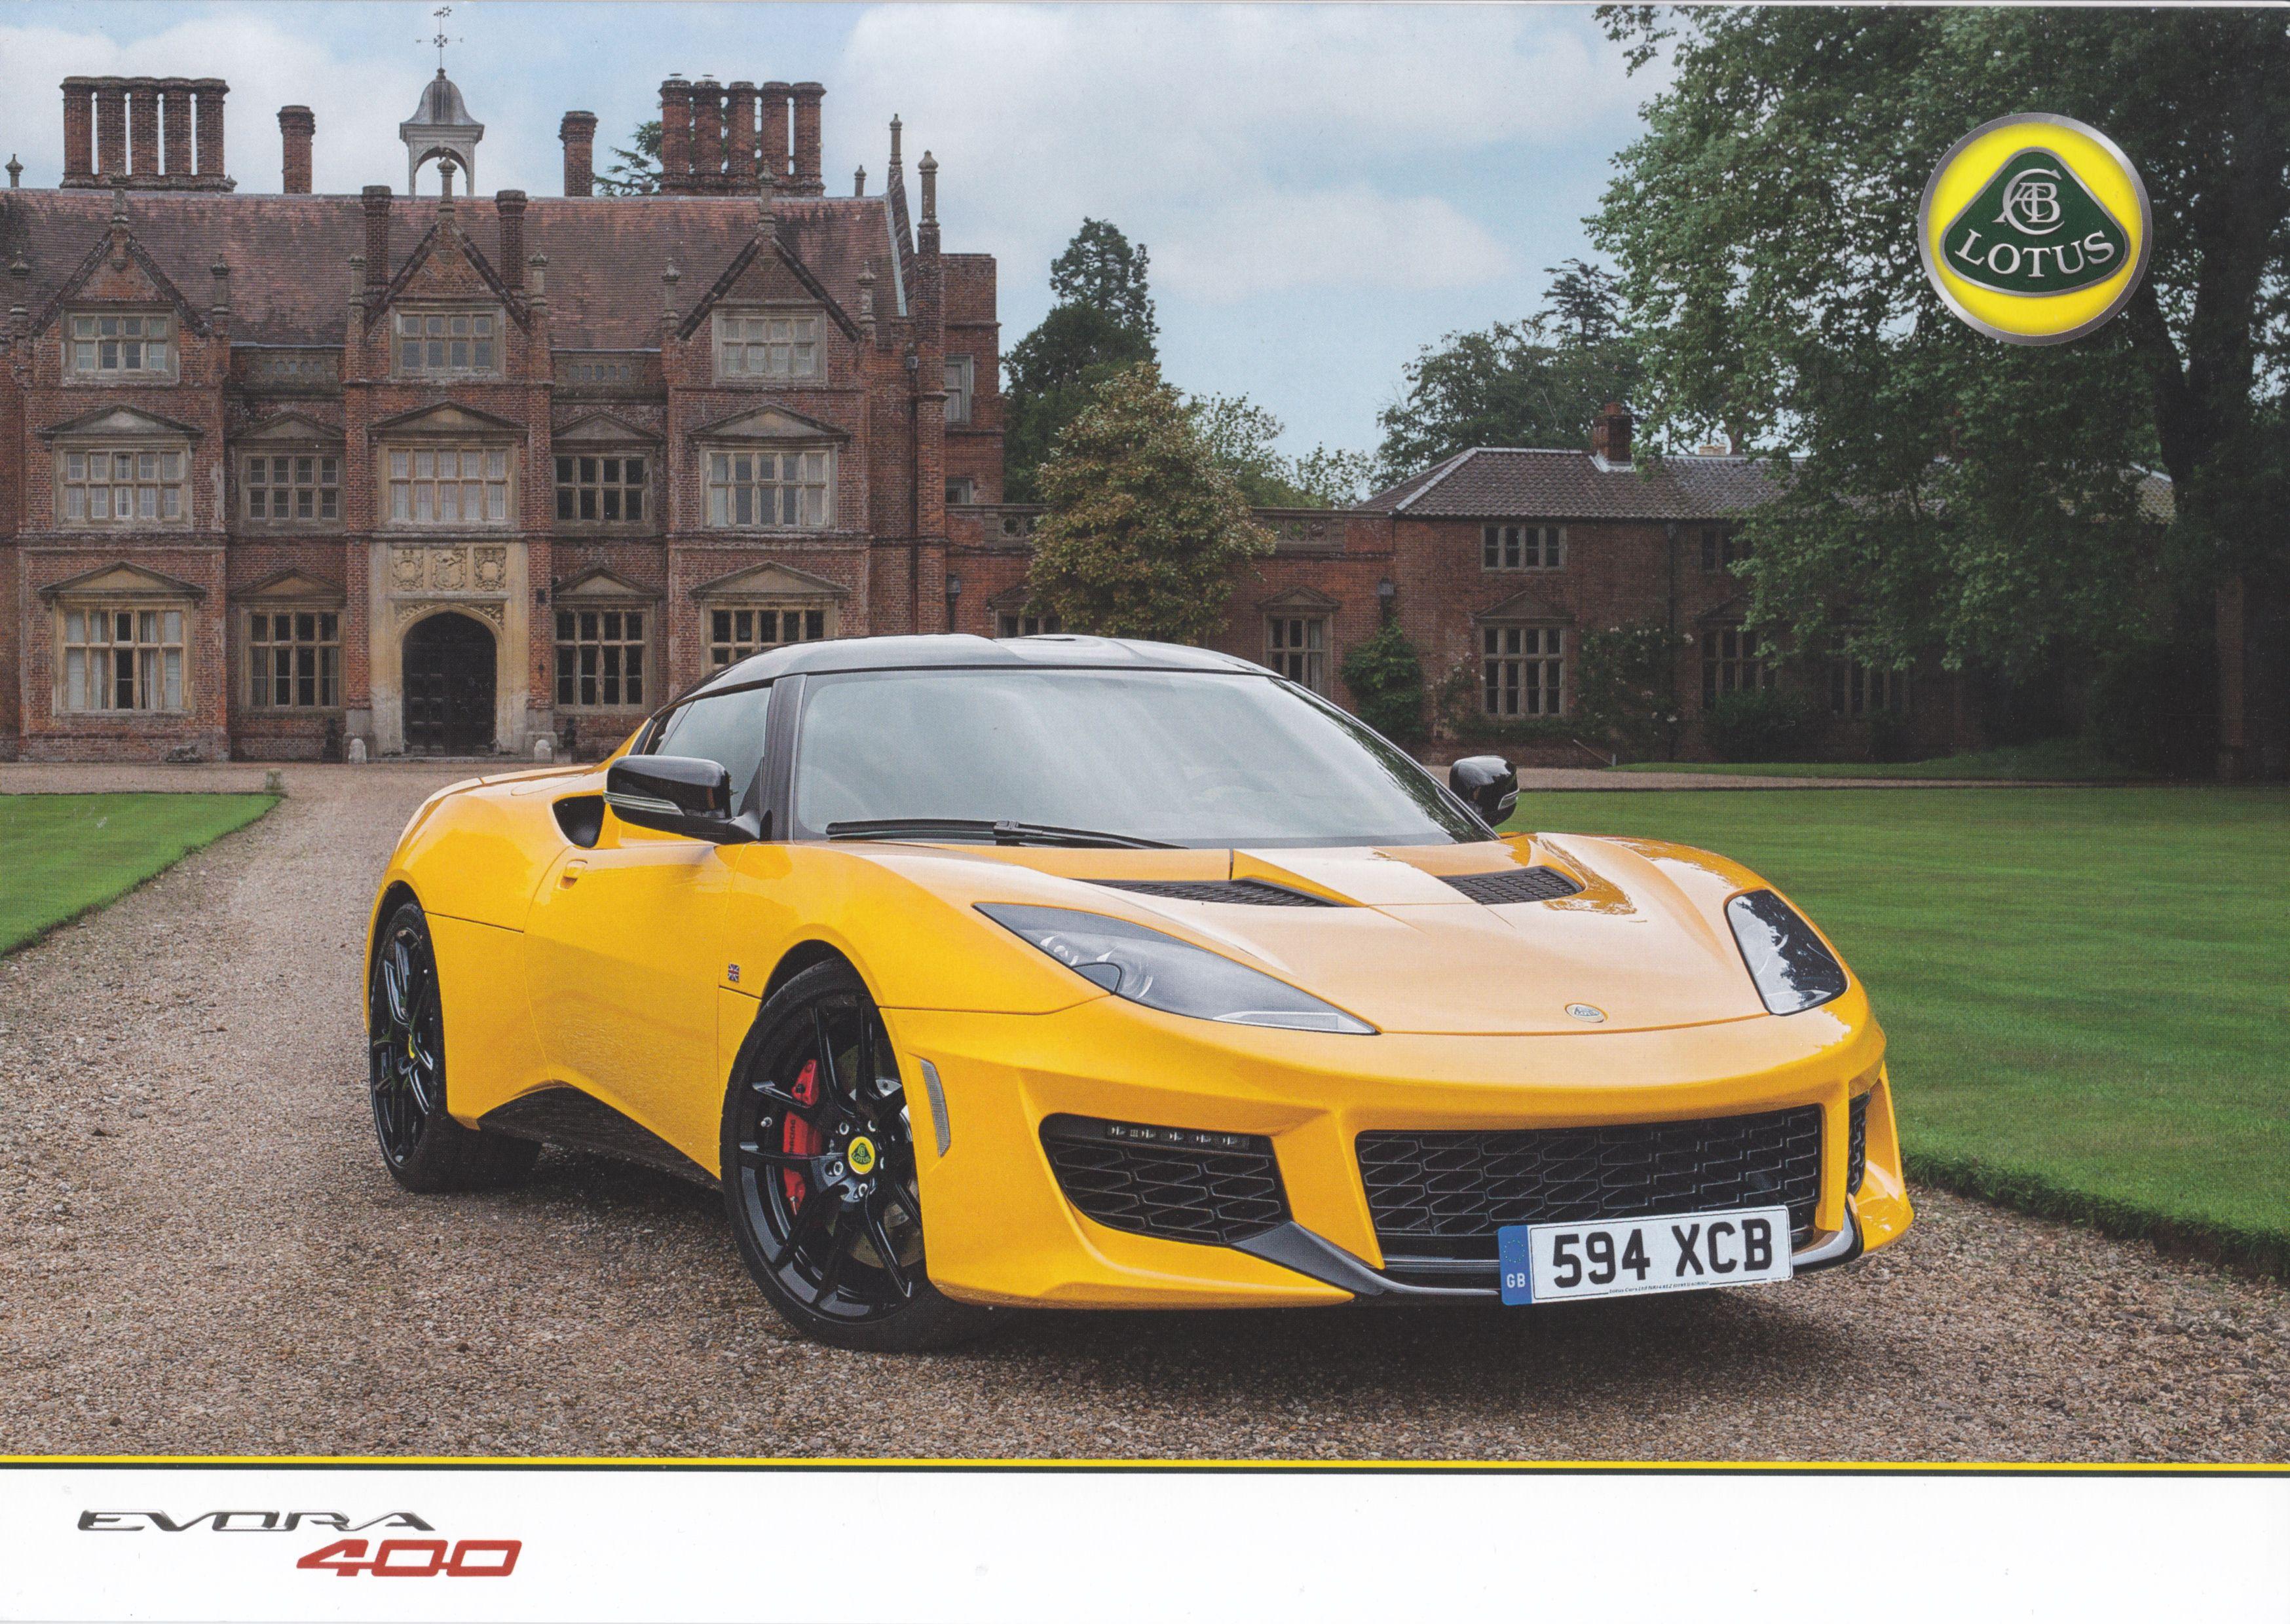 N/&A Black Car Cover Compatible avec Lotus Elise Evora Evora 400 Evora GT Exige S Color : Black, Size : Evora 400